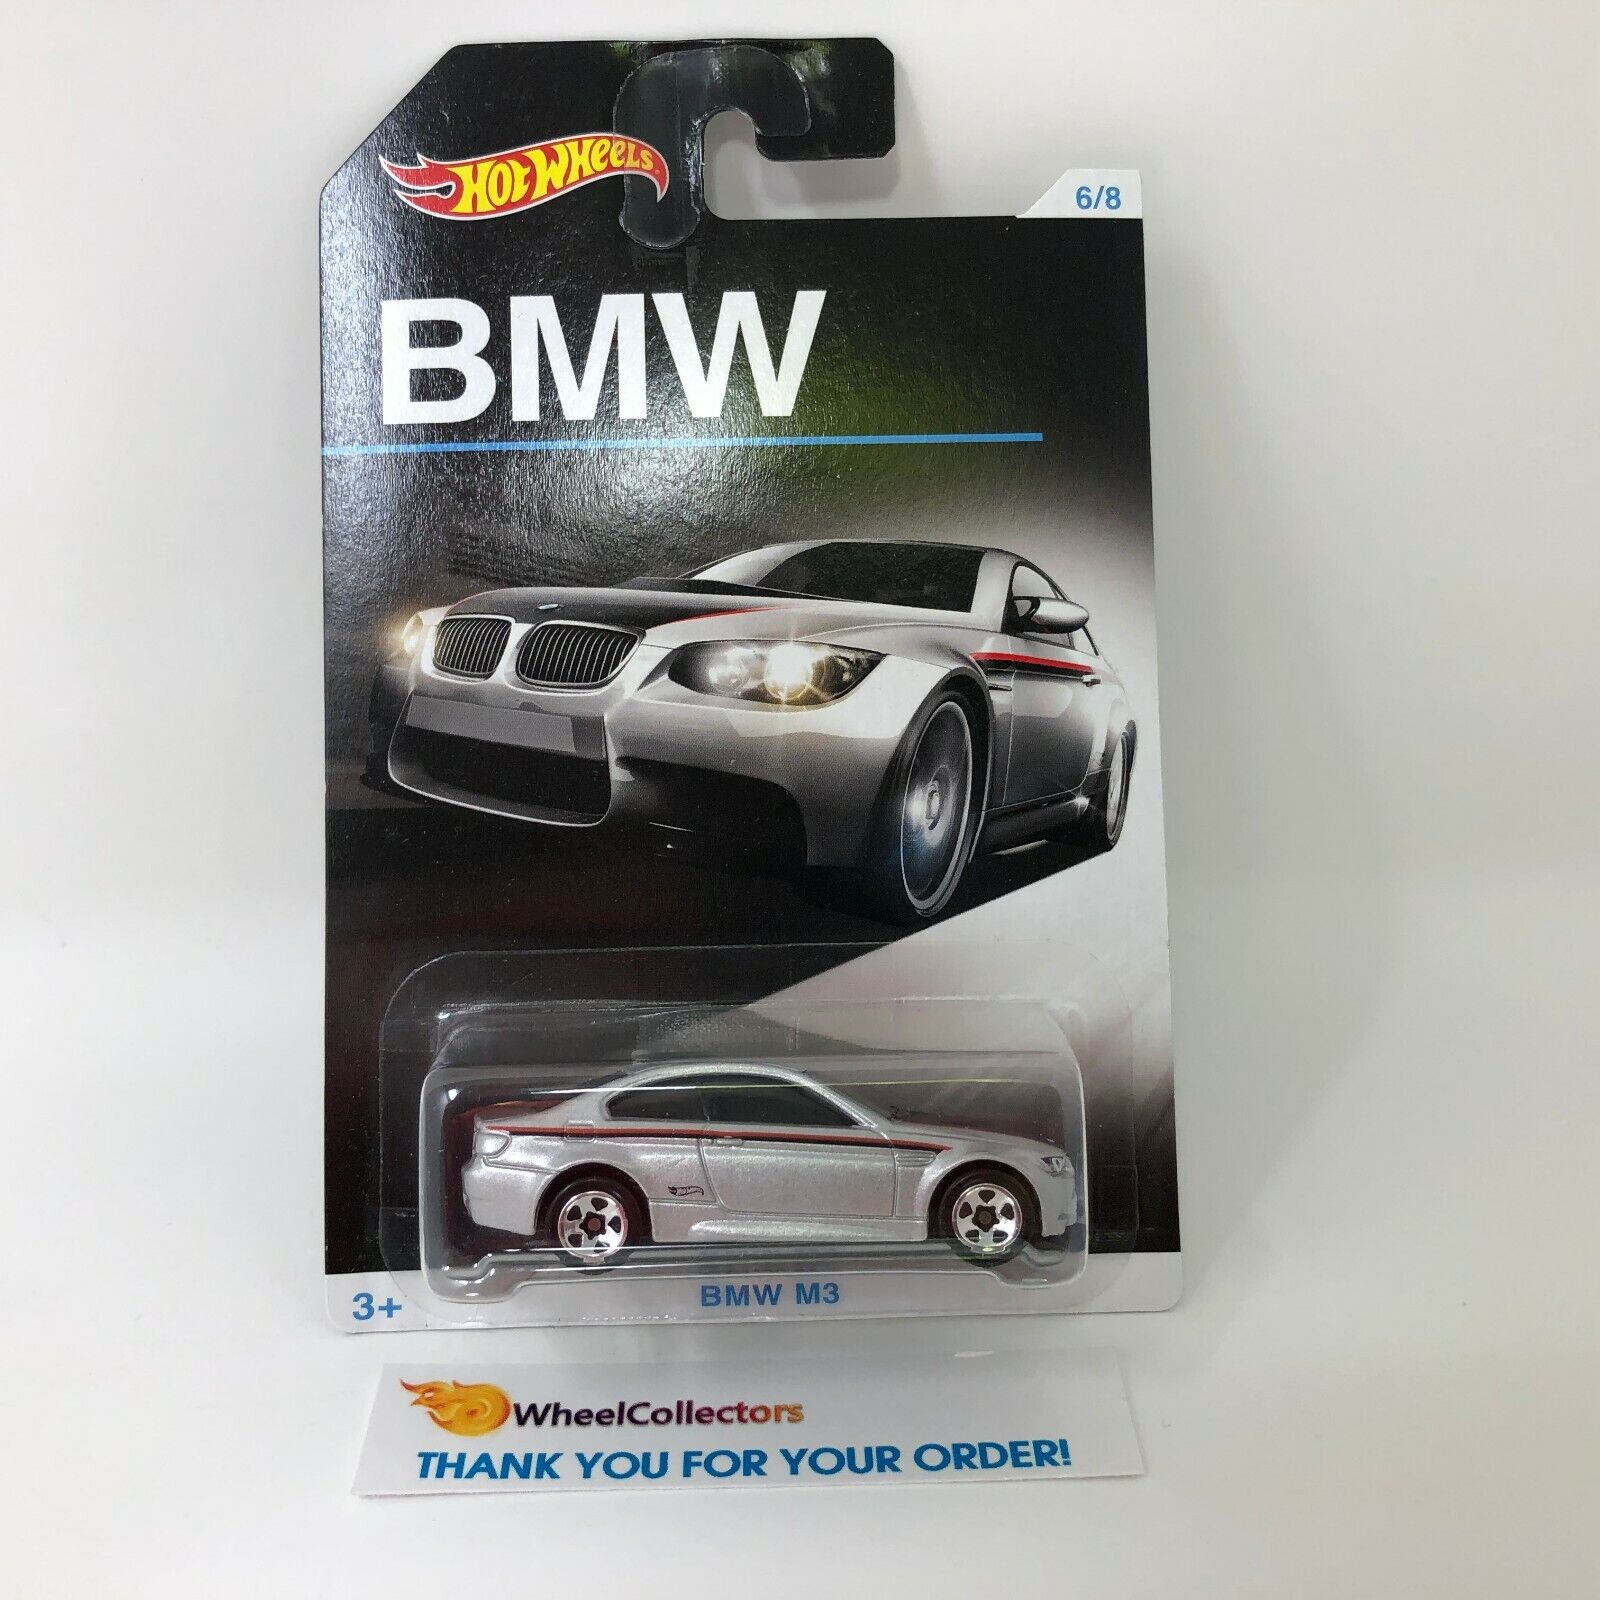 BMW M3 * Silver * Hot Wheels BMW Series * R9